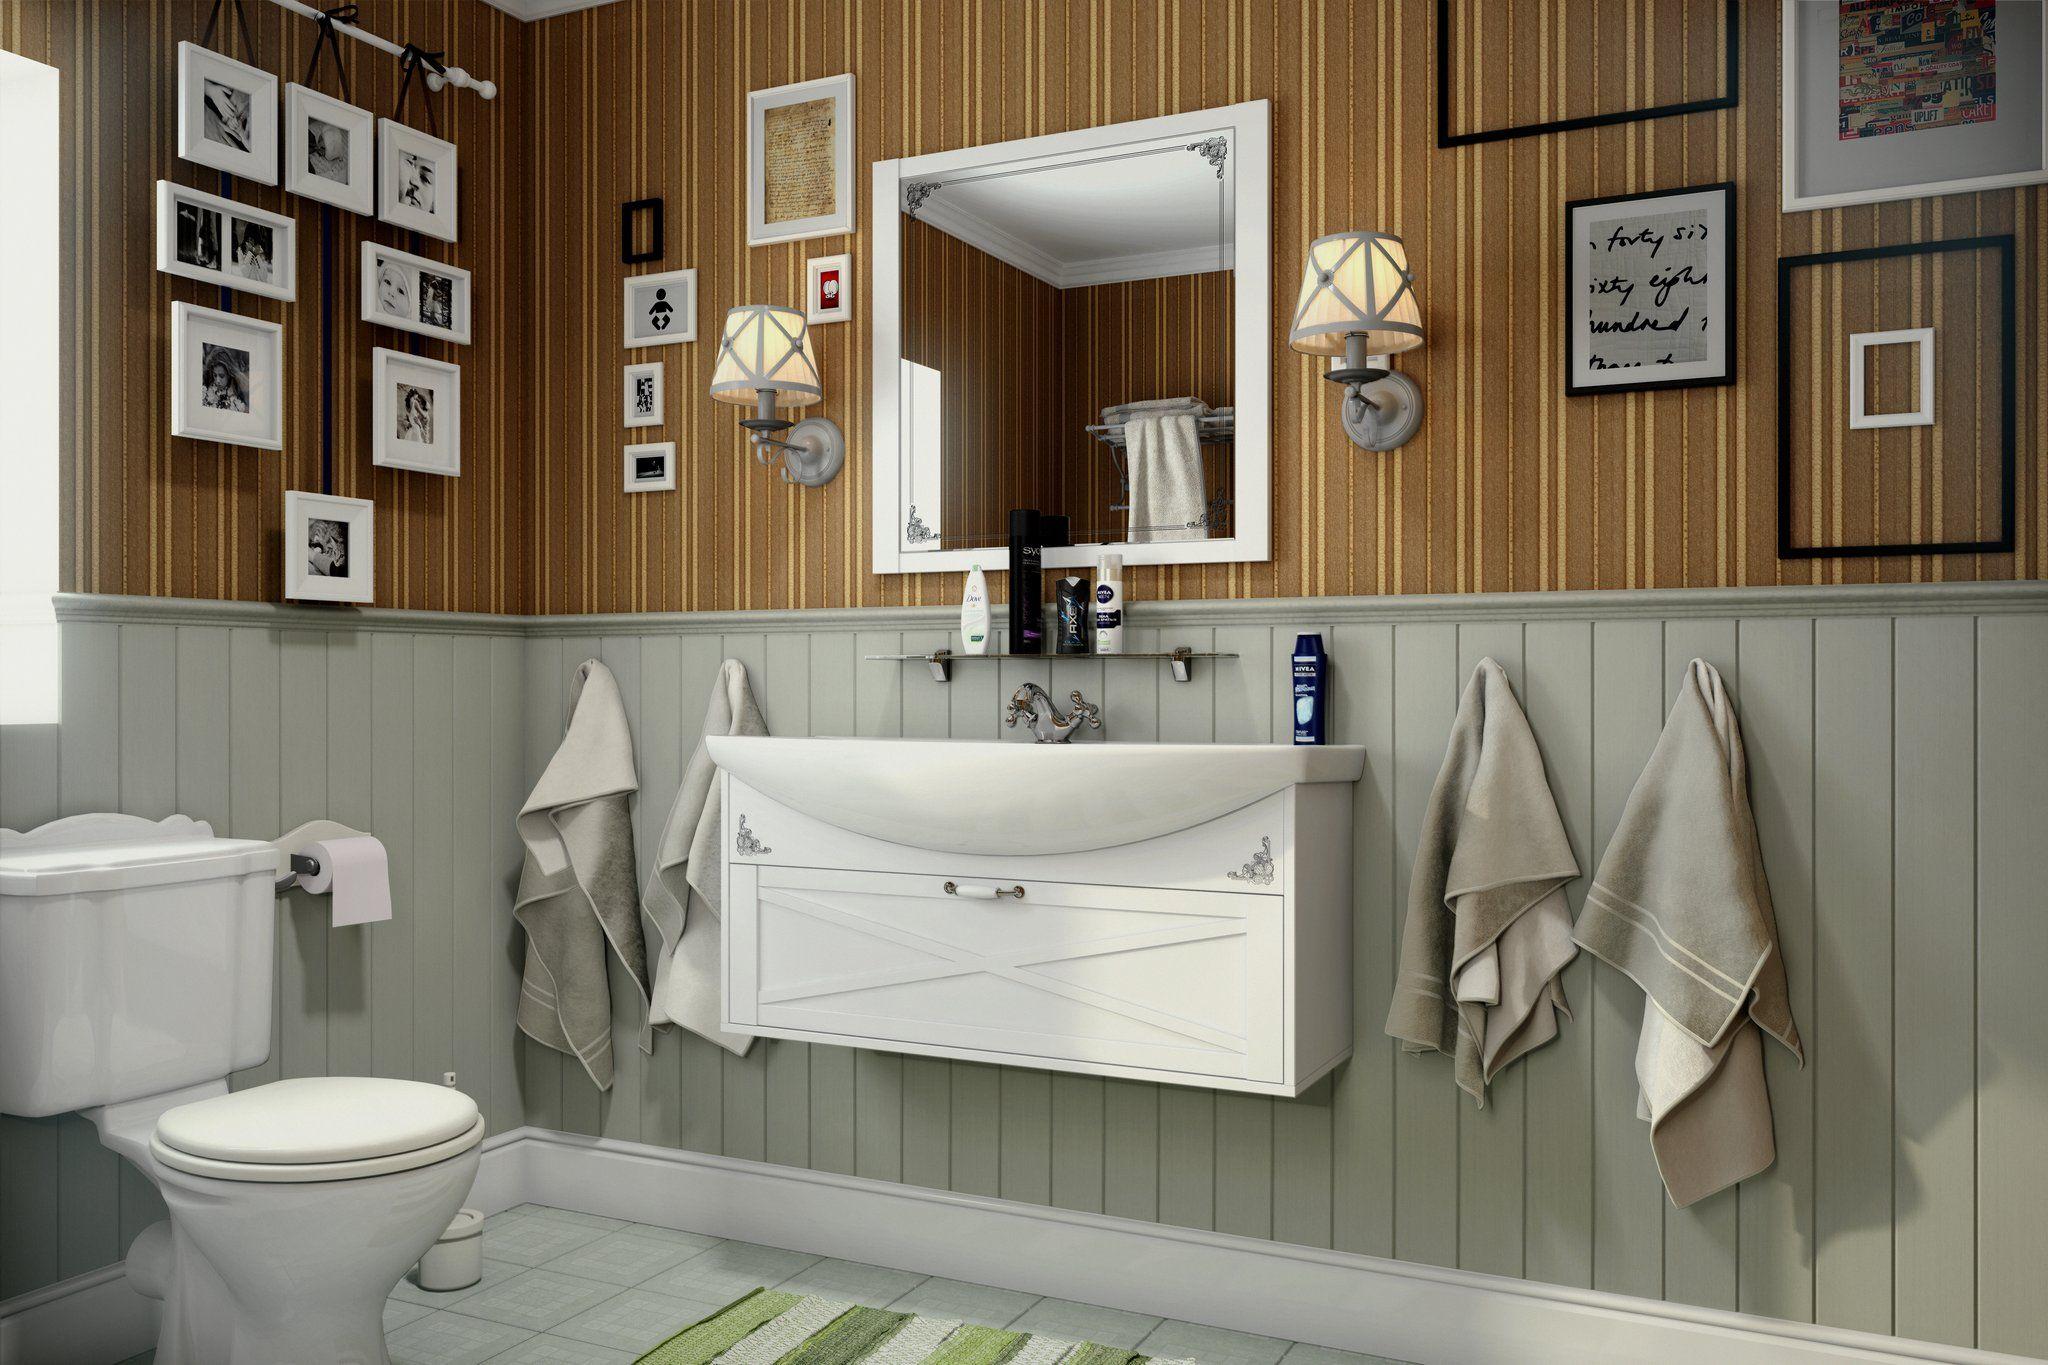 Мебель для ванной комнаты Прованс 4 Ангстрем фото